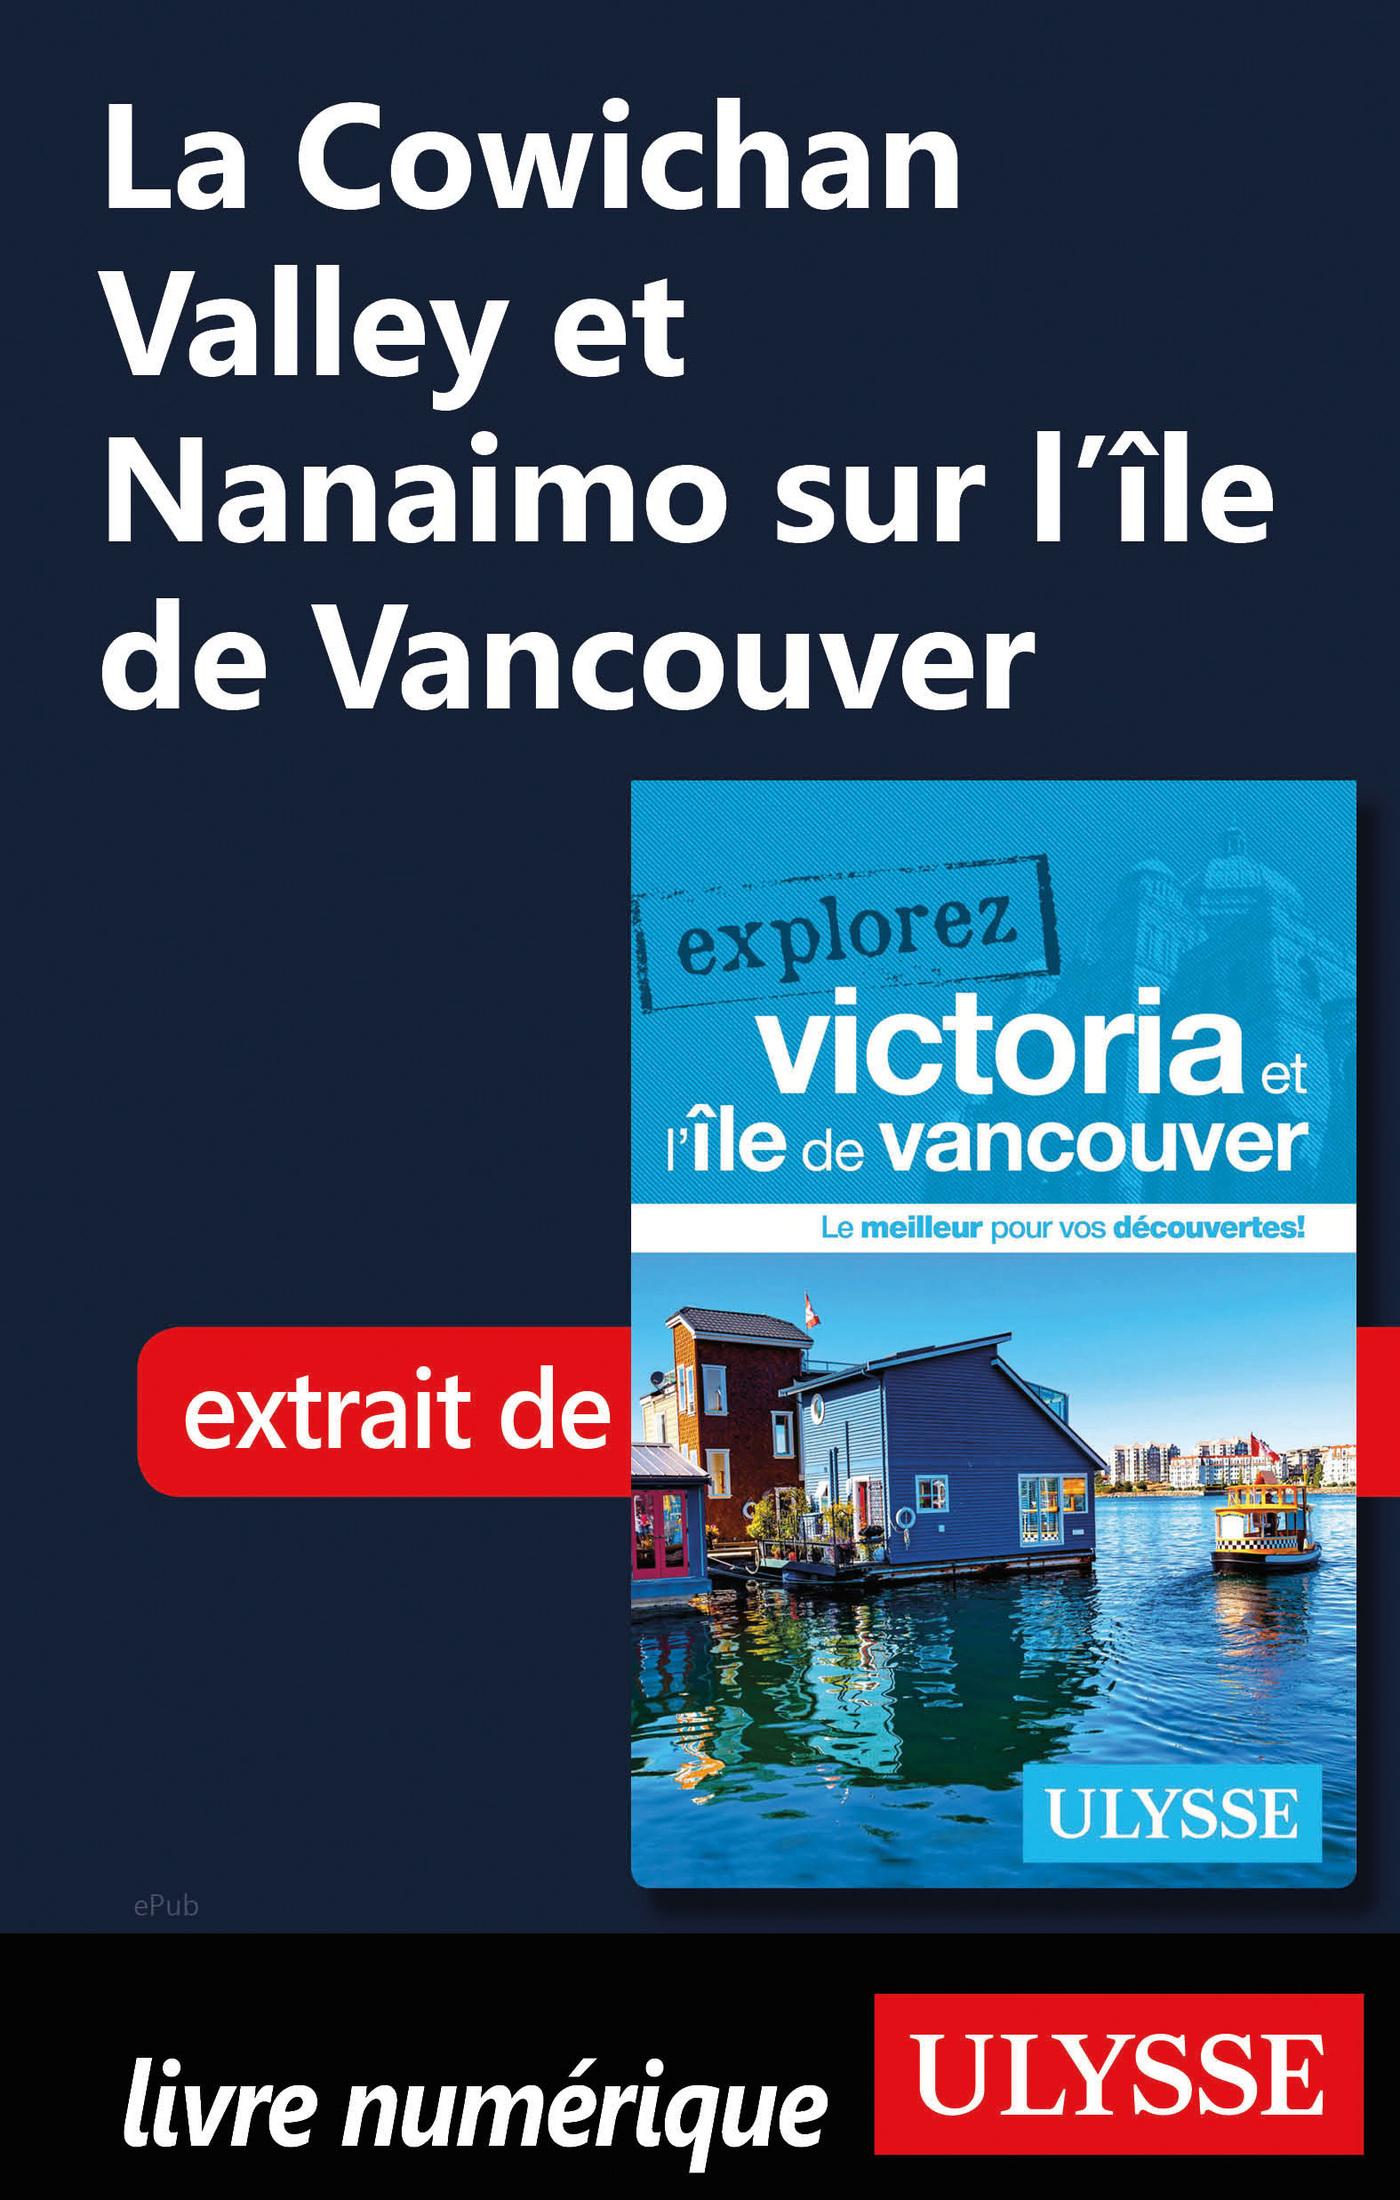 Cowichan Valley et Nanaimo sur l'île de Vancouver